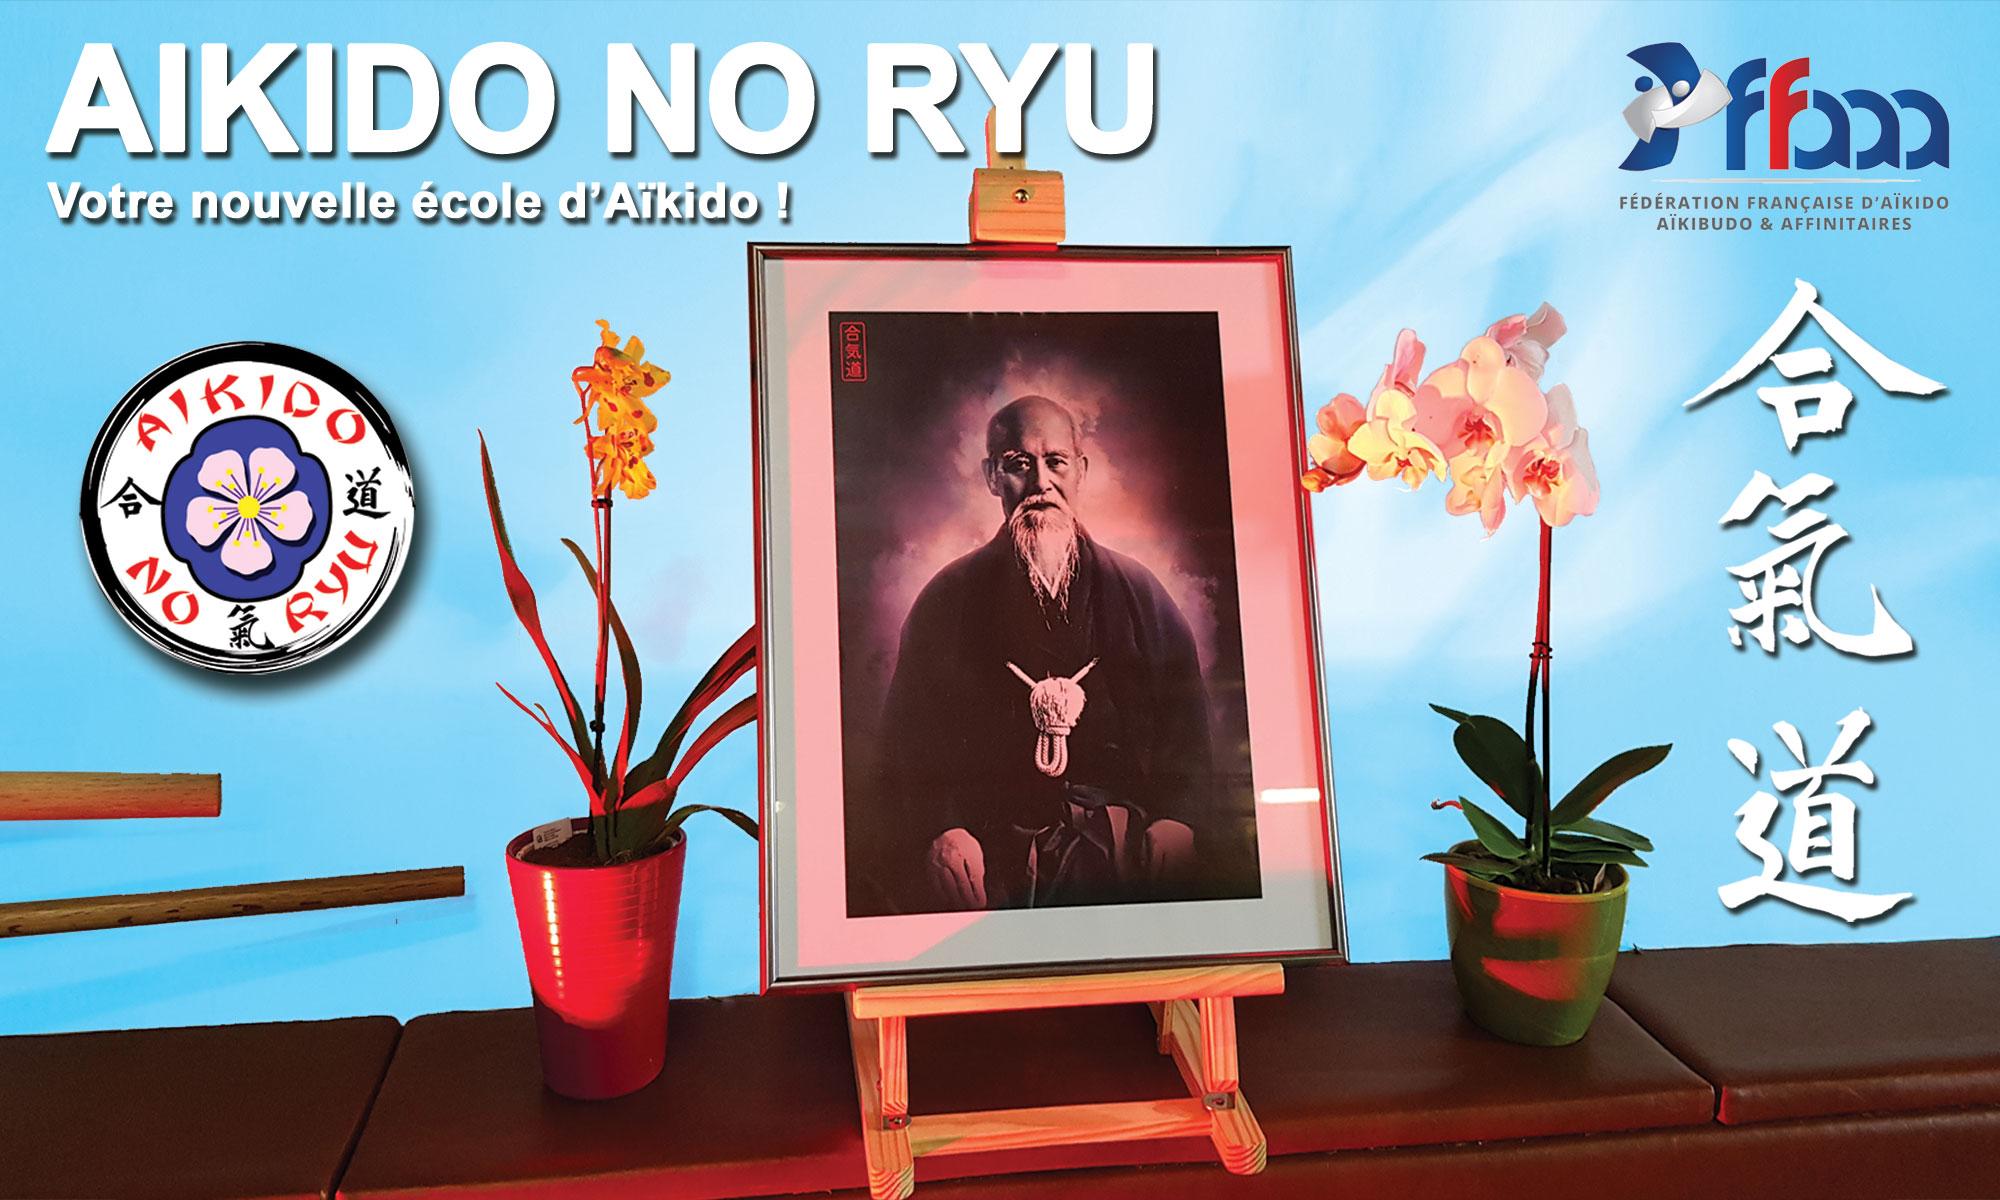 AIKIDO NO RYU